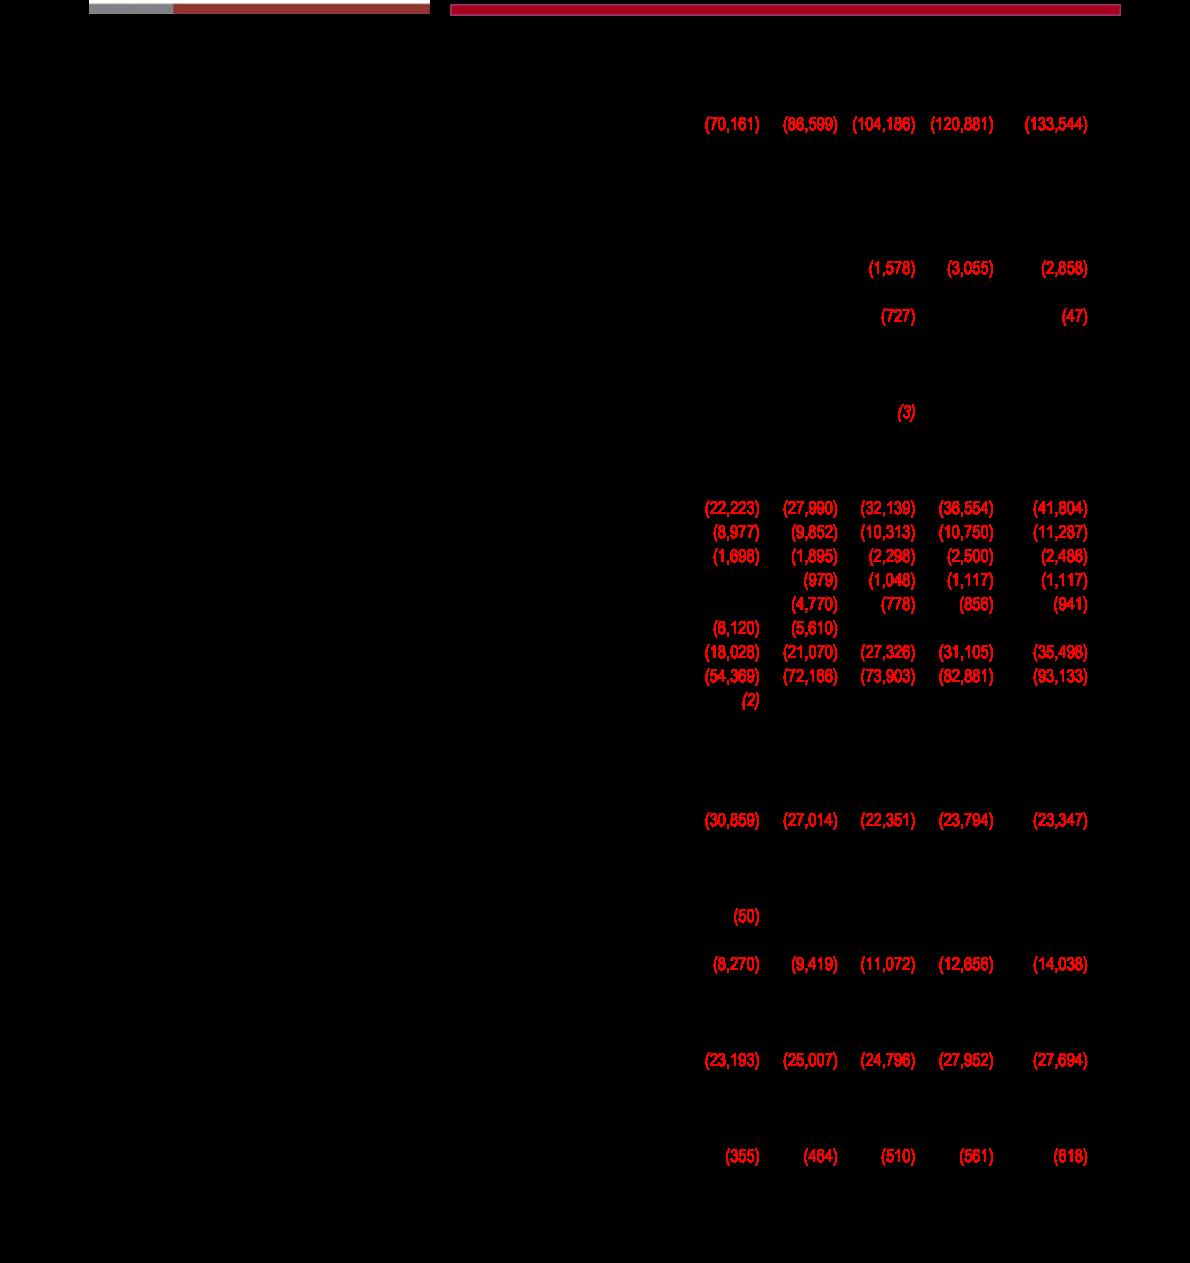 野村东方国际雷火电竞平台-安井食品-603345-2020年三季报快评:营收加速增长,业绩超预期-201026